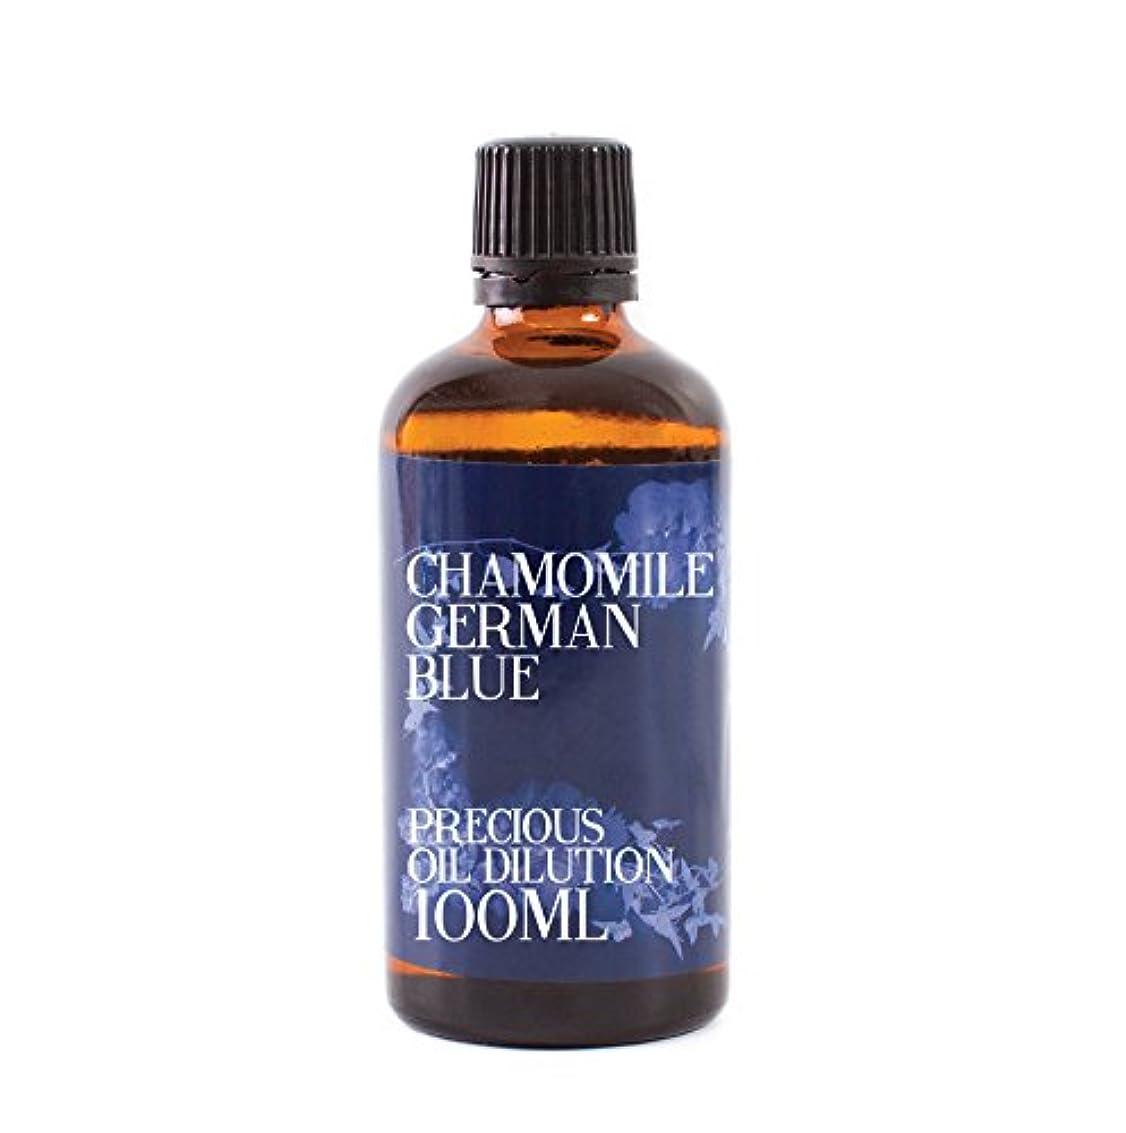 カウントランデブーサワーMystic Moments | Chamomile German Blue Essential Oil Dilution - 100ml - 3% Jojoba Blend